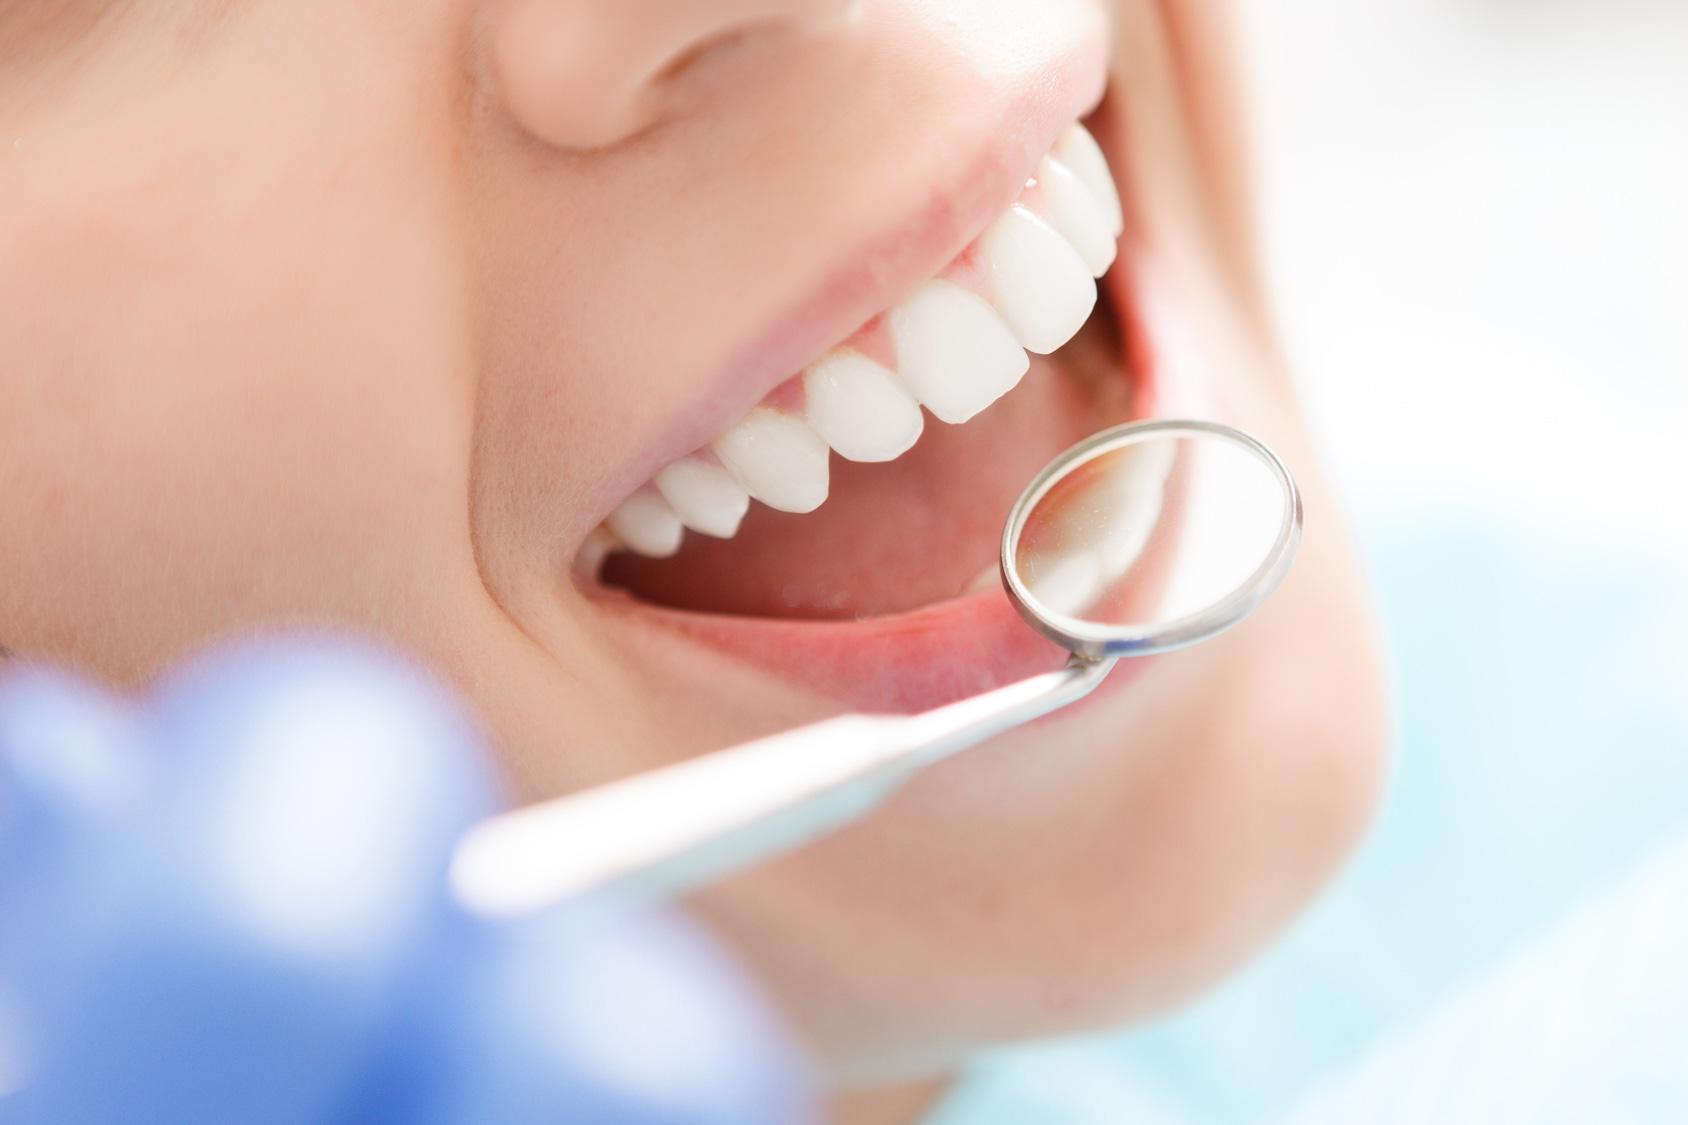 ¿Cómo actuar ante la gingivitis?